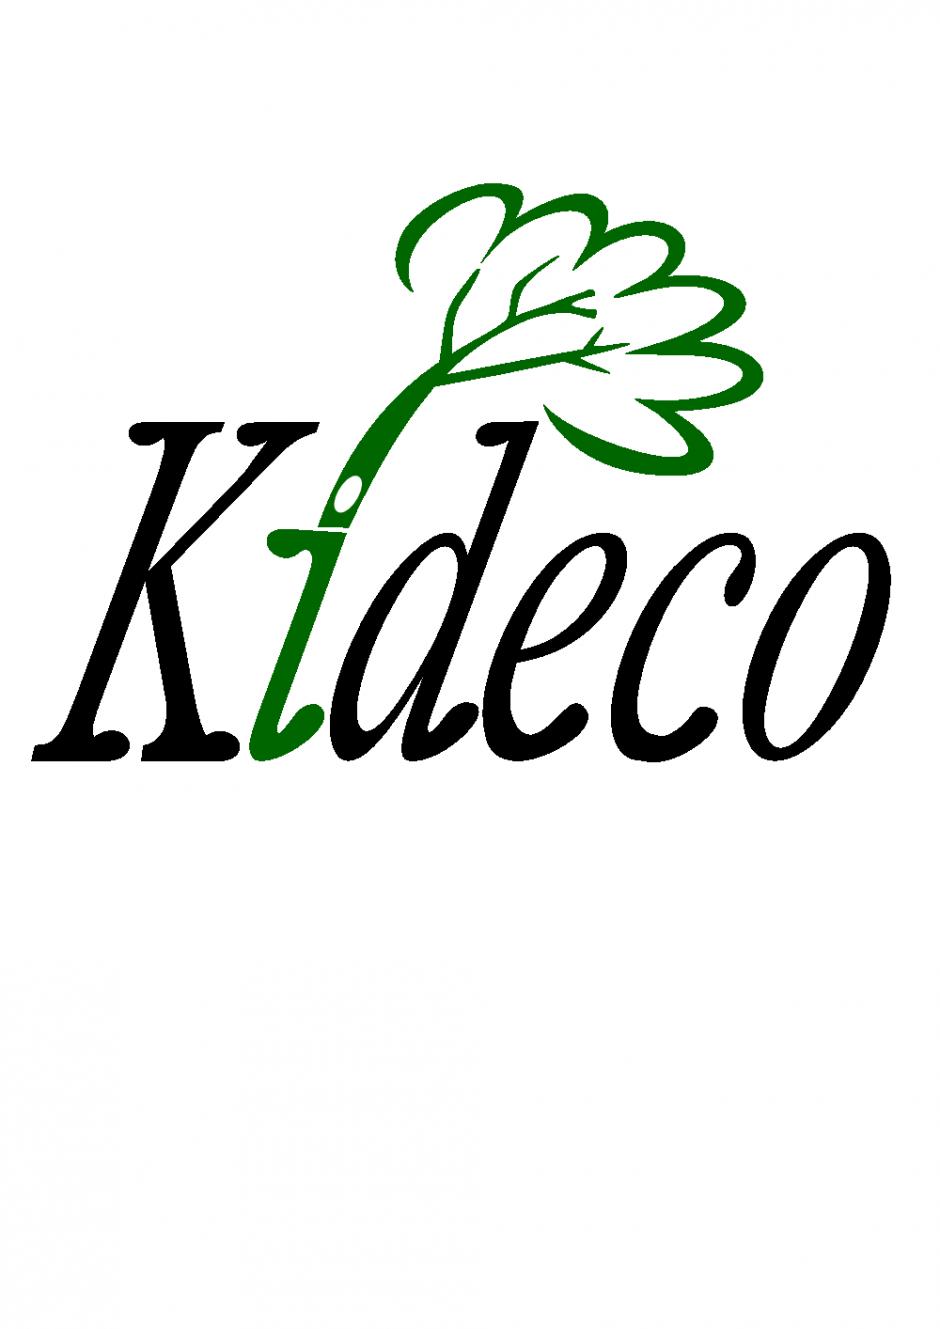 [Logo by Judila]